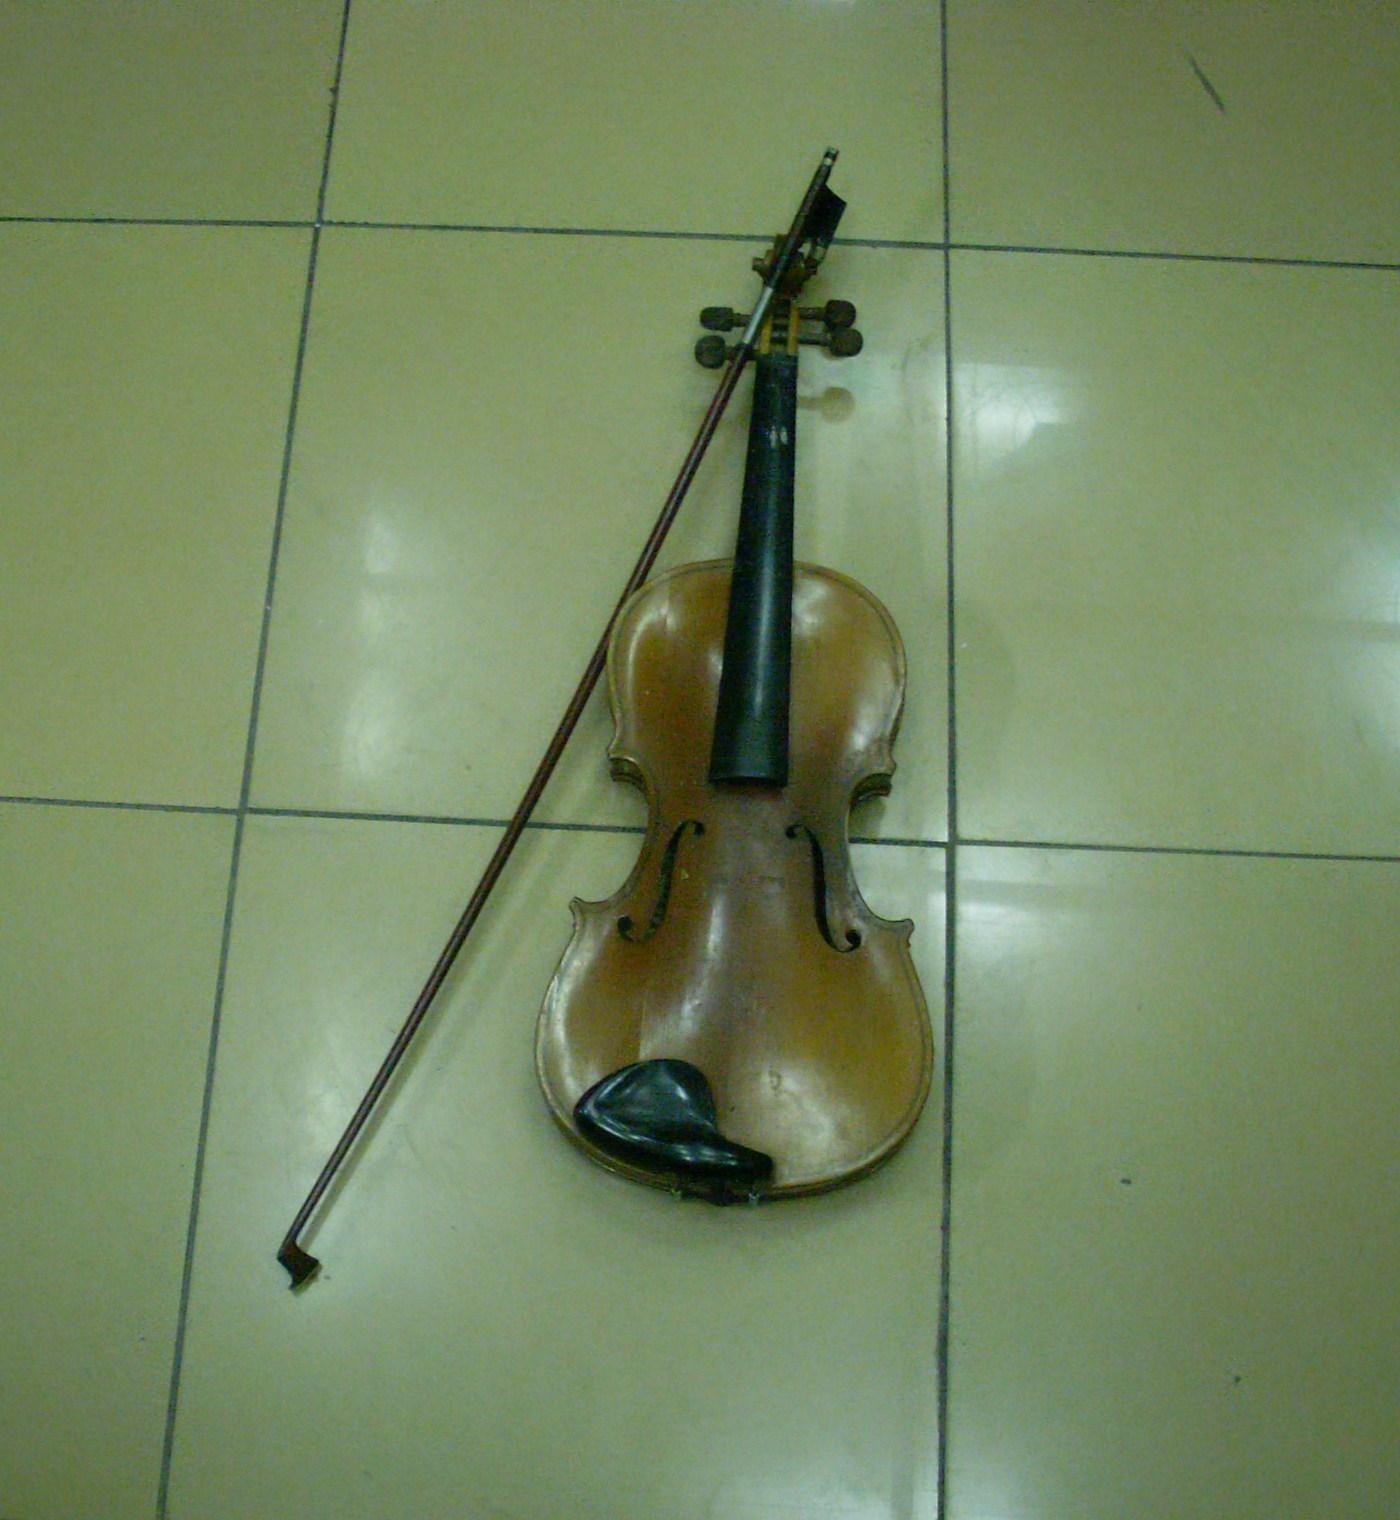 云雀牌小提琴-云雀牌小提琴价格-云雀牌小提琴图片